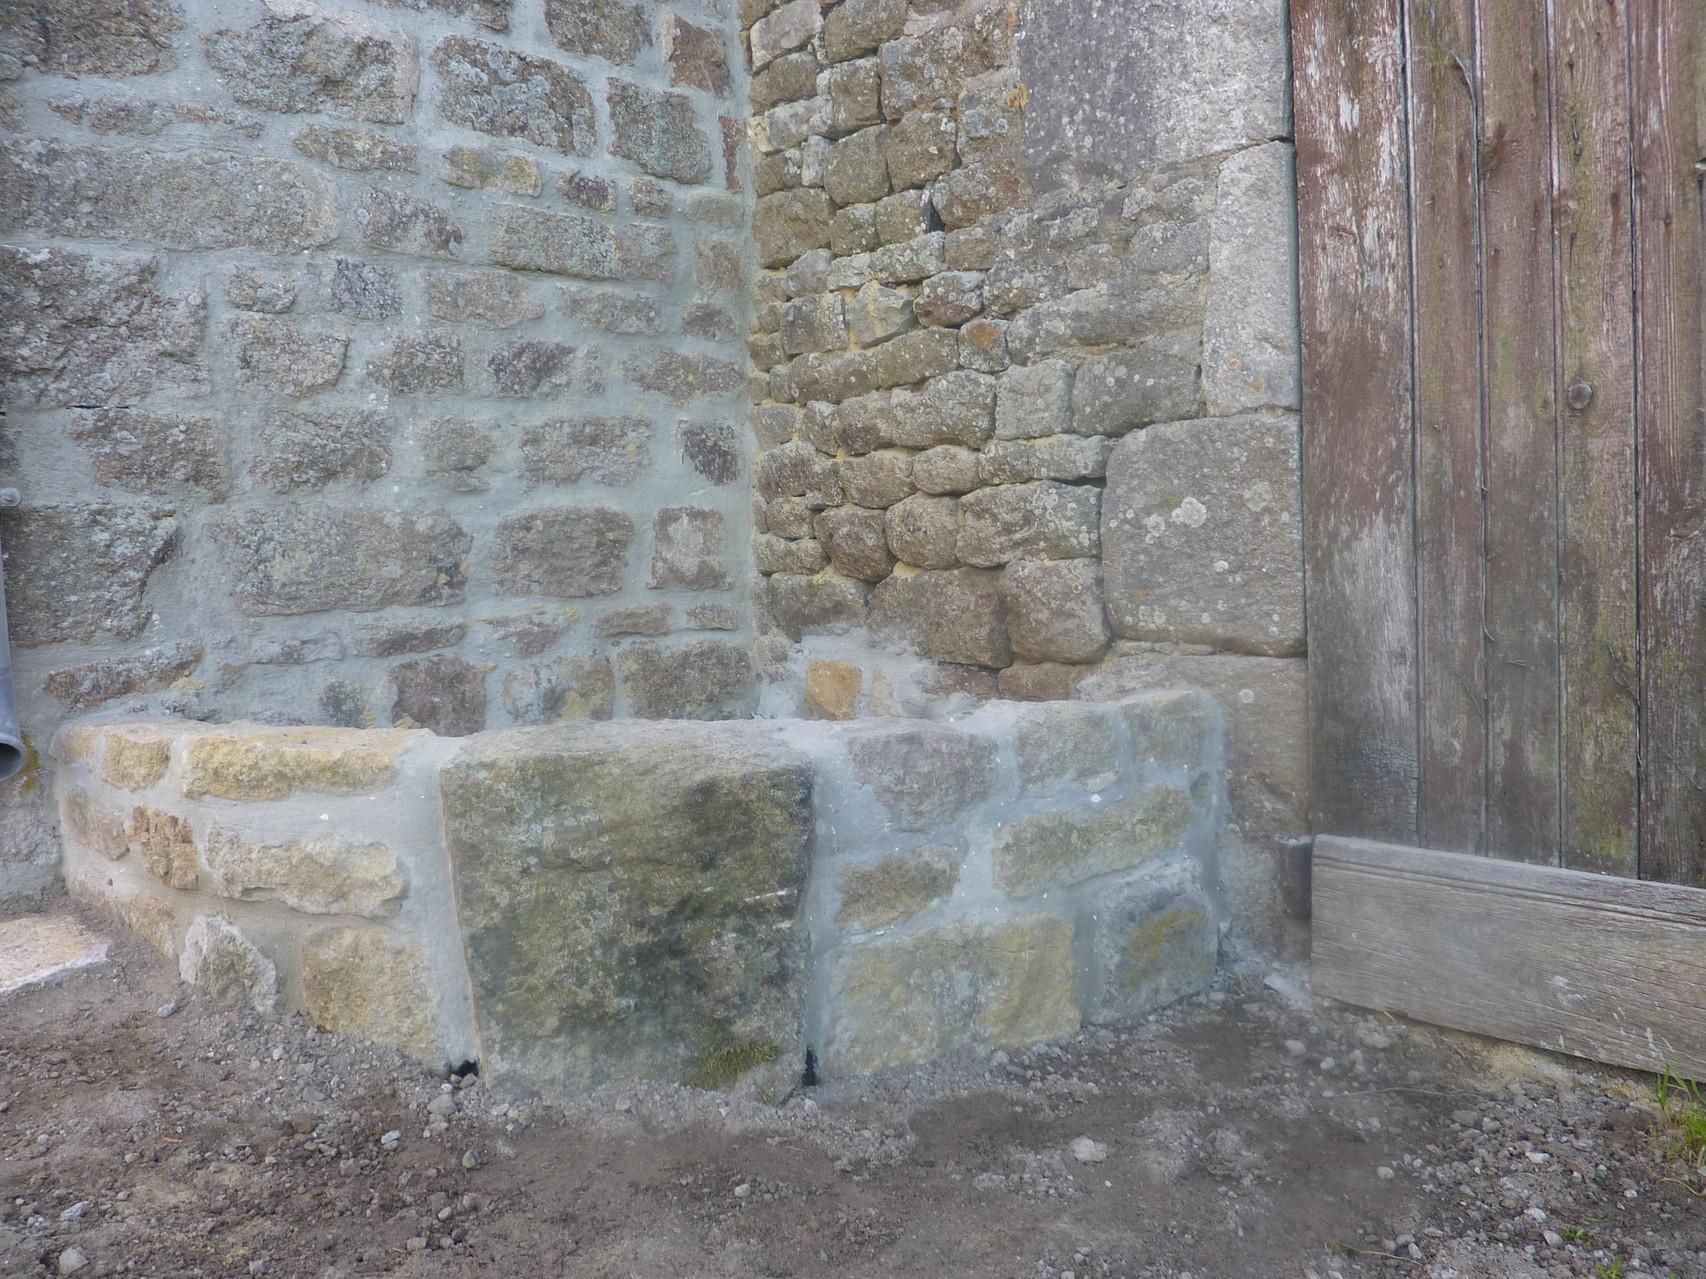 Dans un angle de la venelle, une jardinière a été construite.